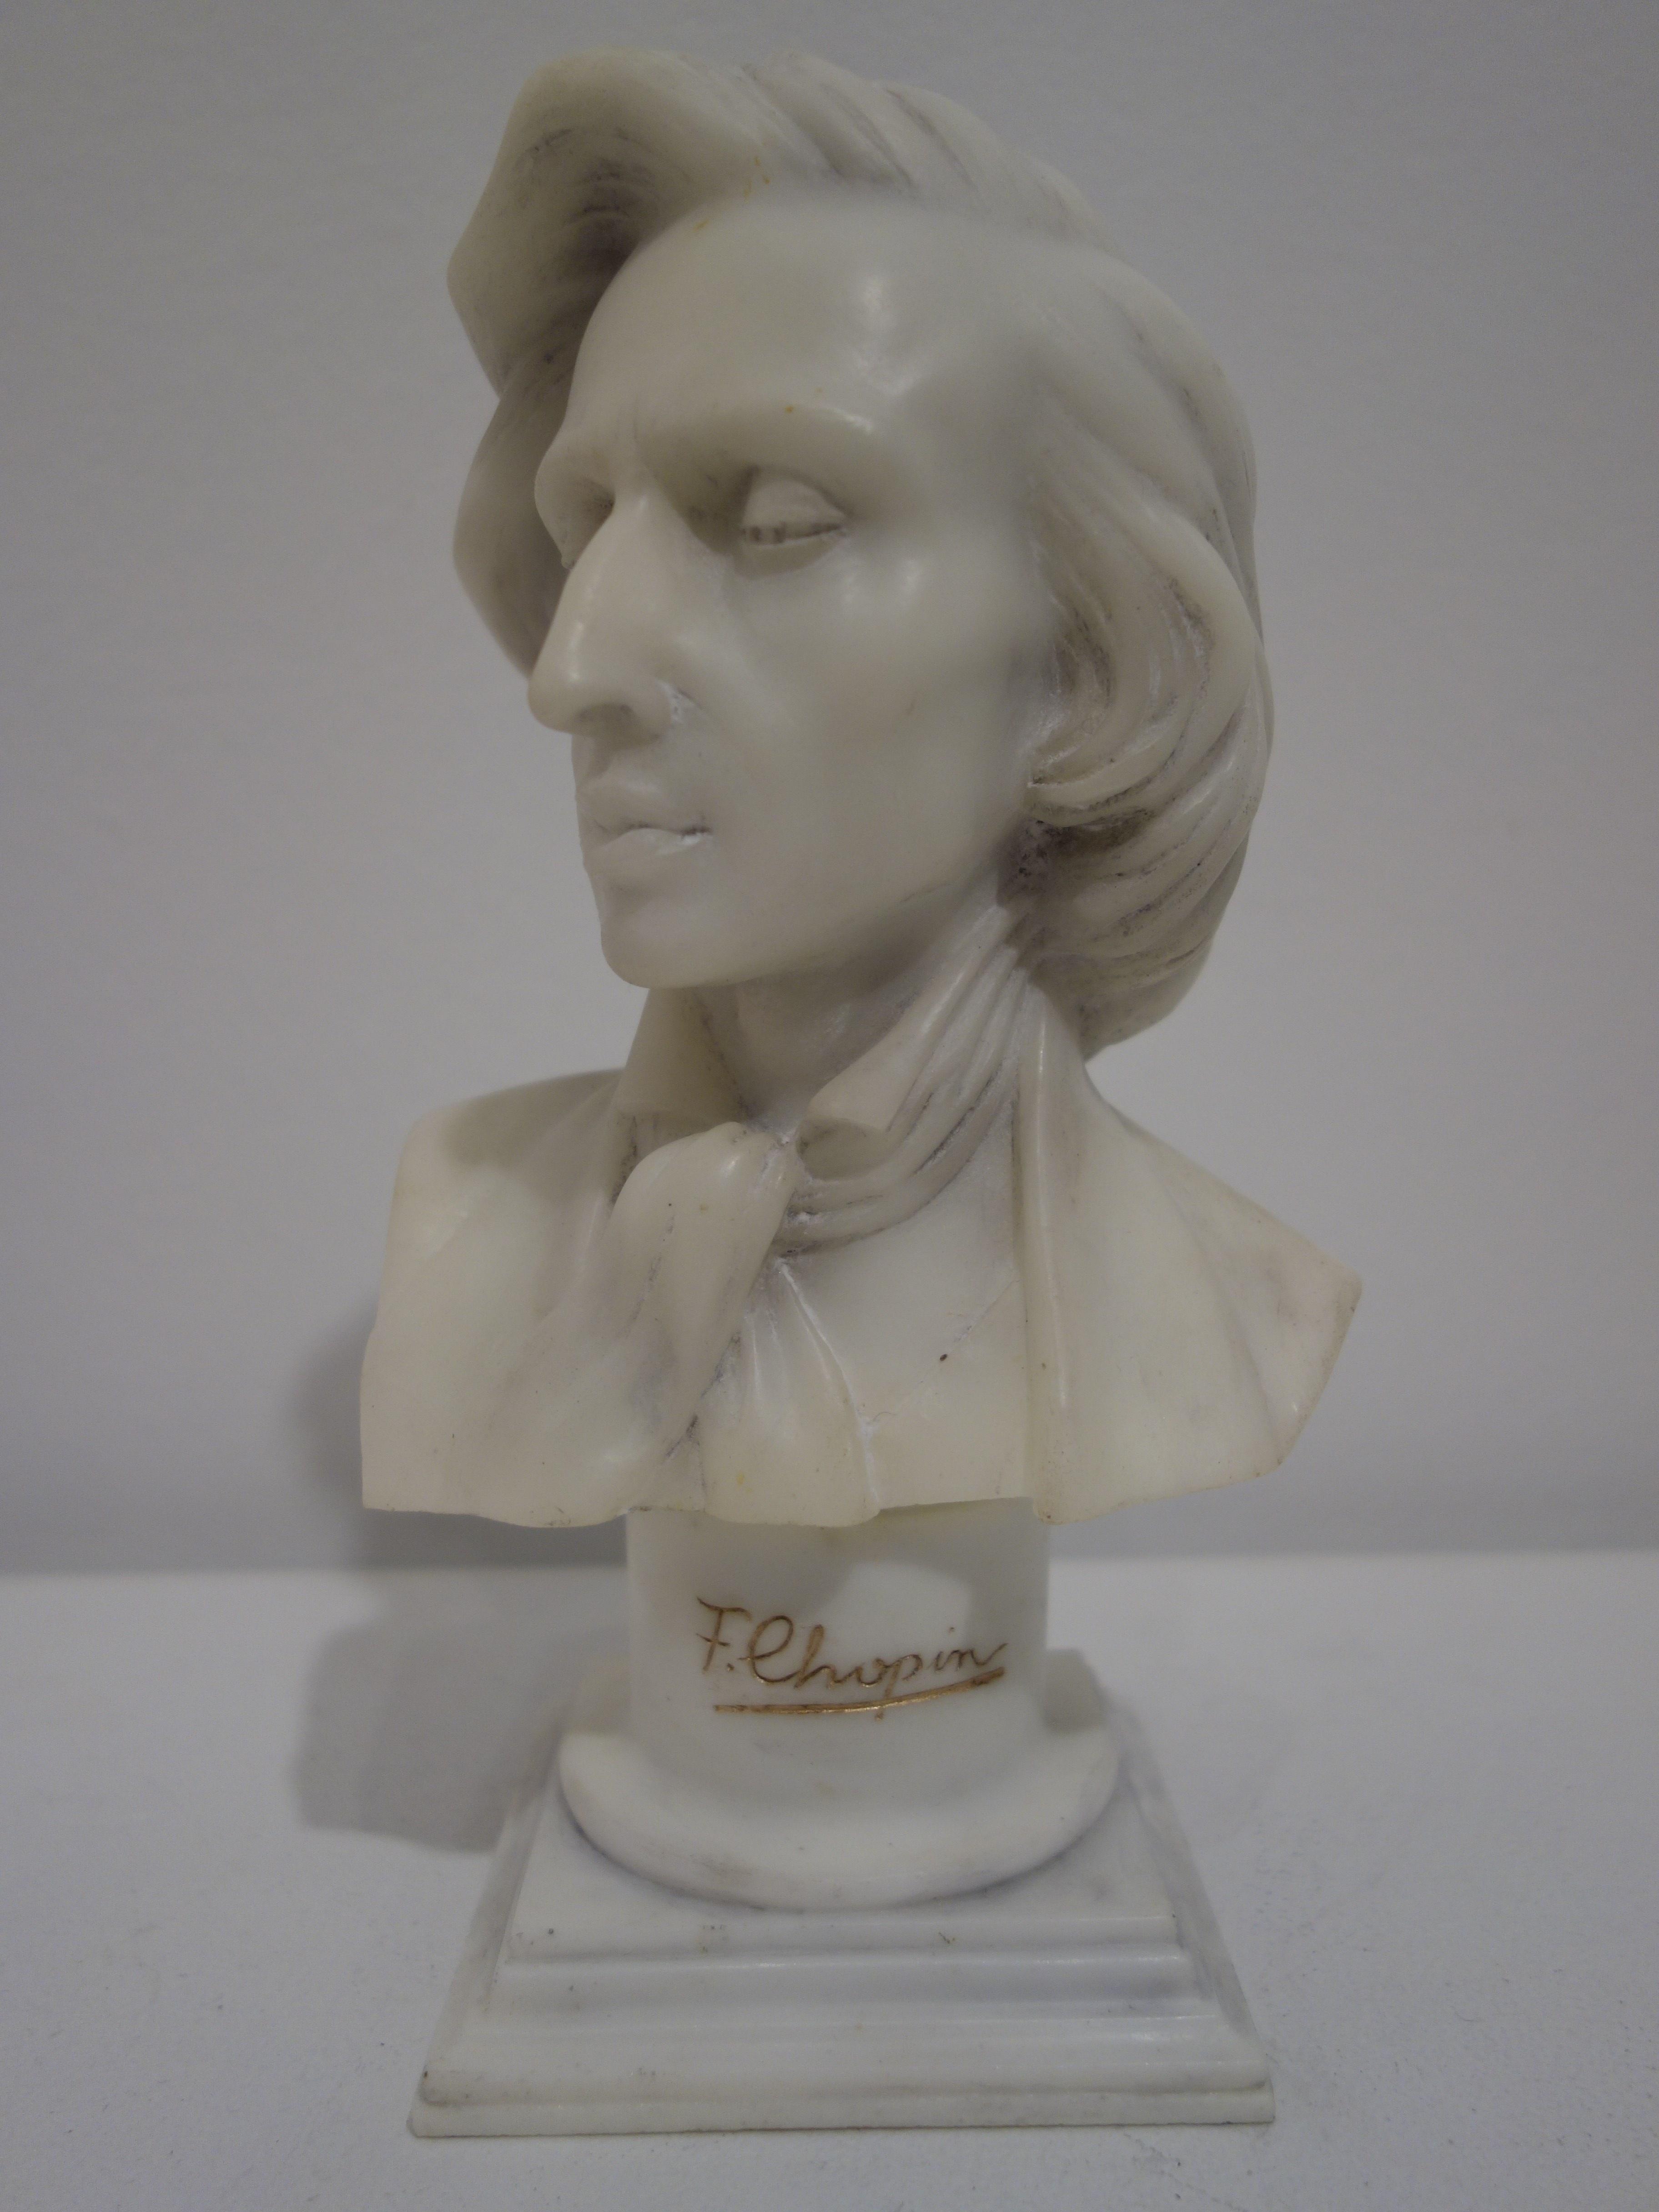 Andrzej Szczepaniec Setta, Fryderyk Chopin, 2010